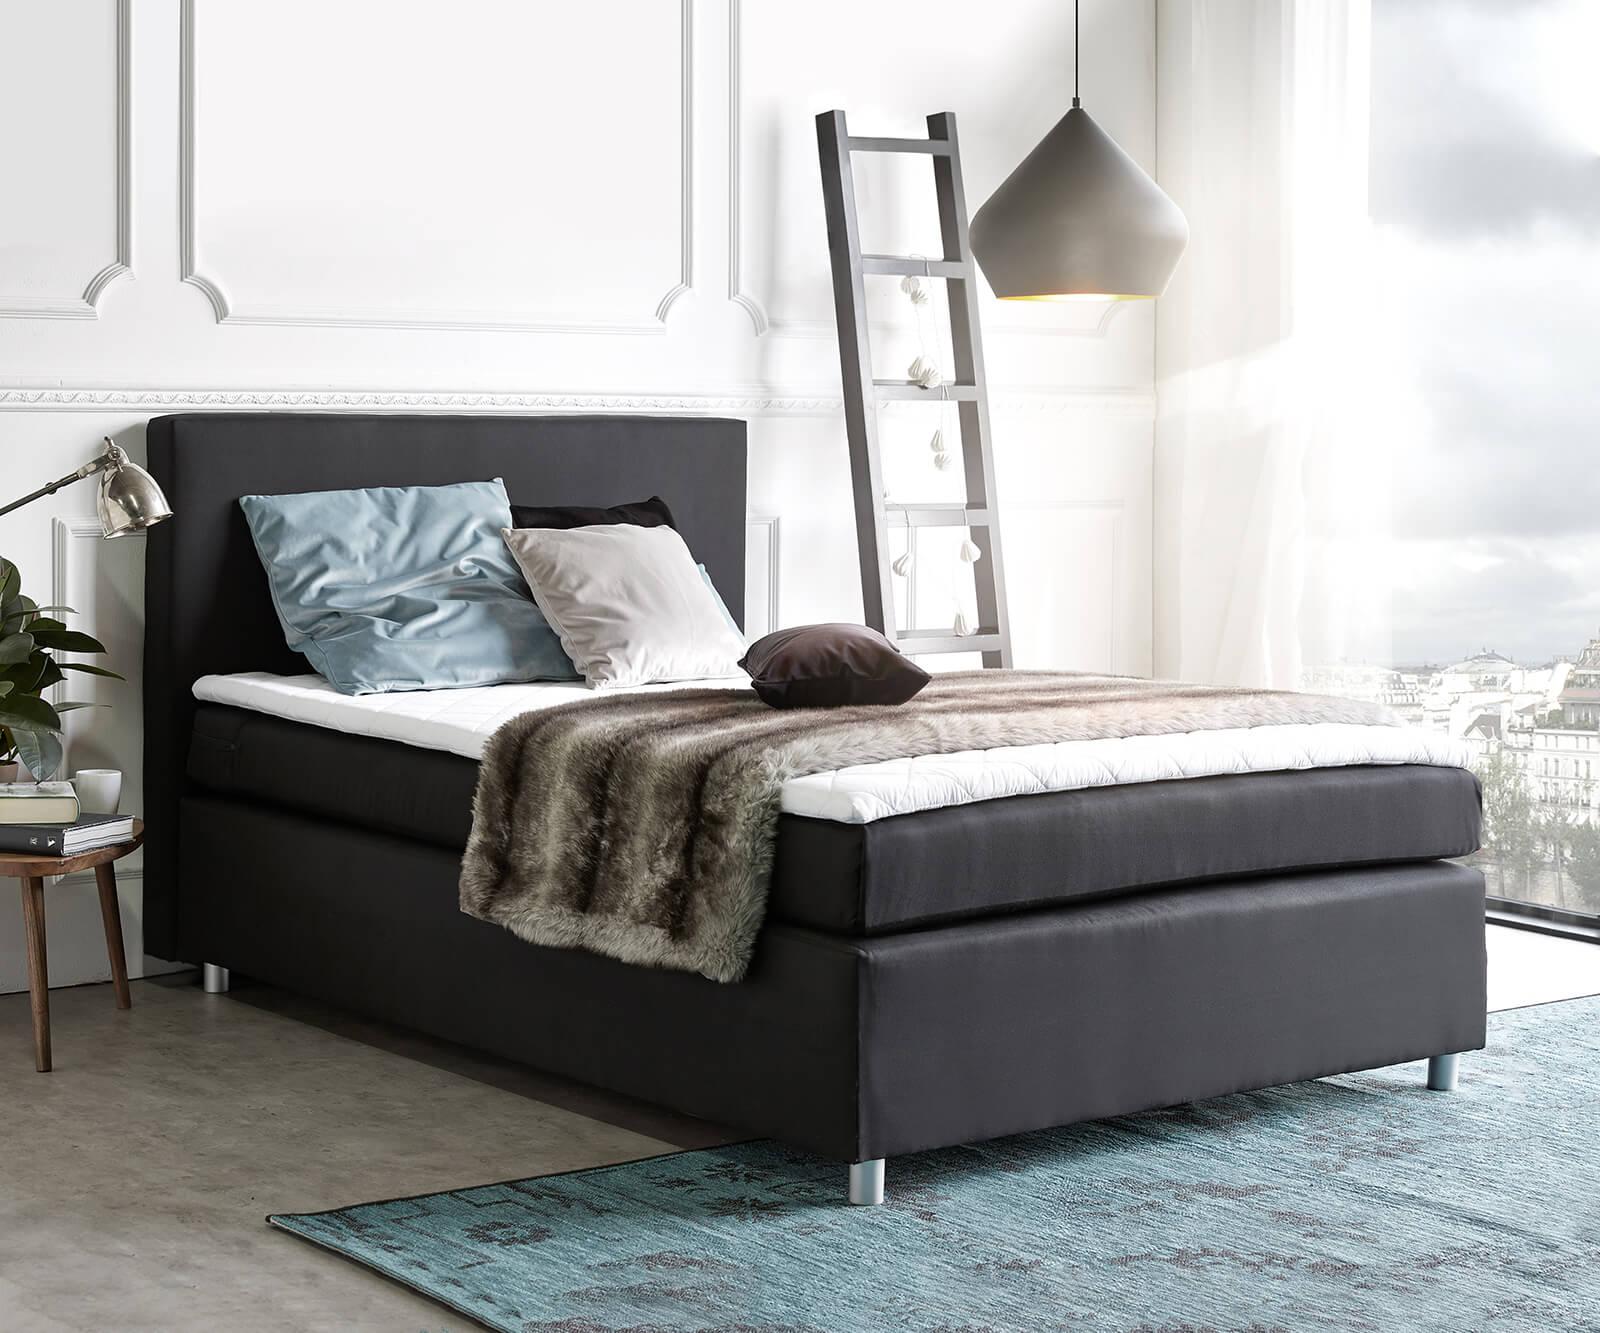 bett paradizo schwarz 140x200 cm matratze und topper. Black Bedroom Furniture Sets. Home Design Ideas